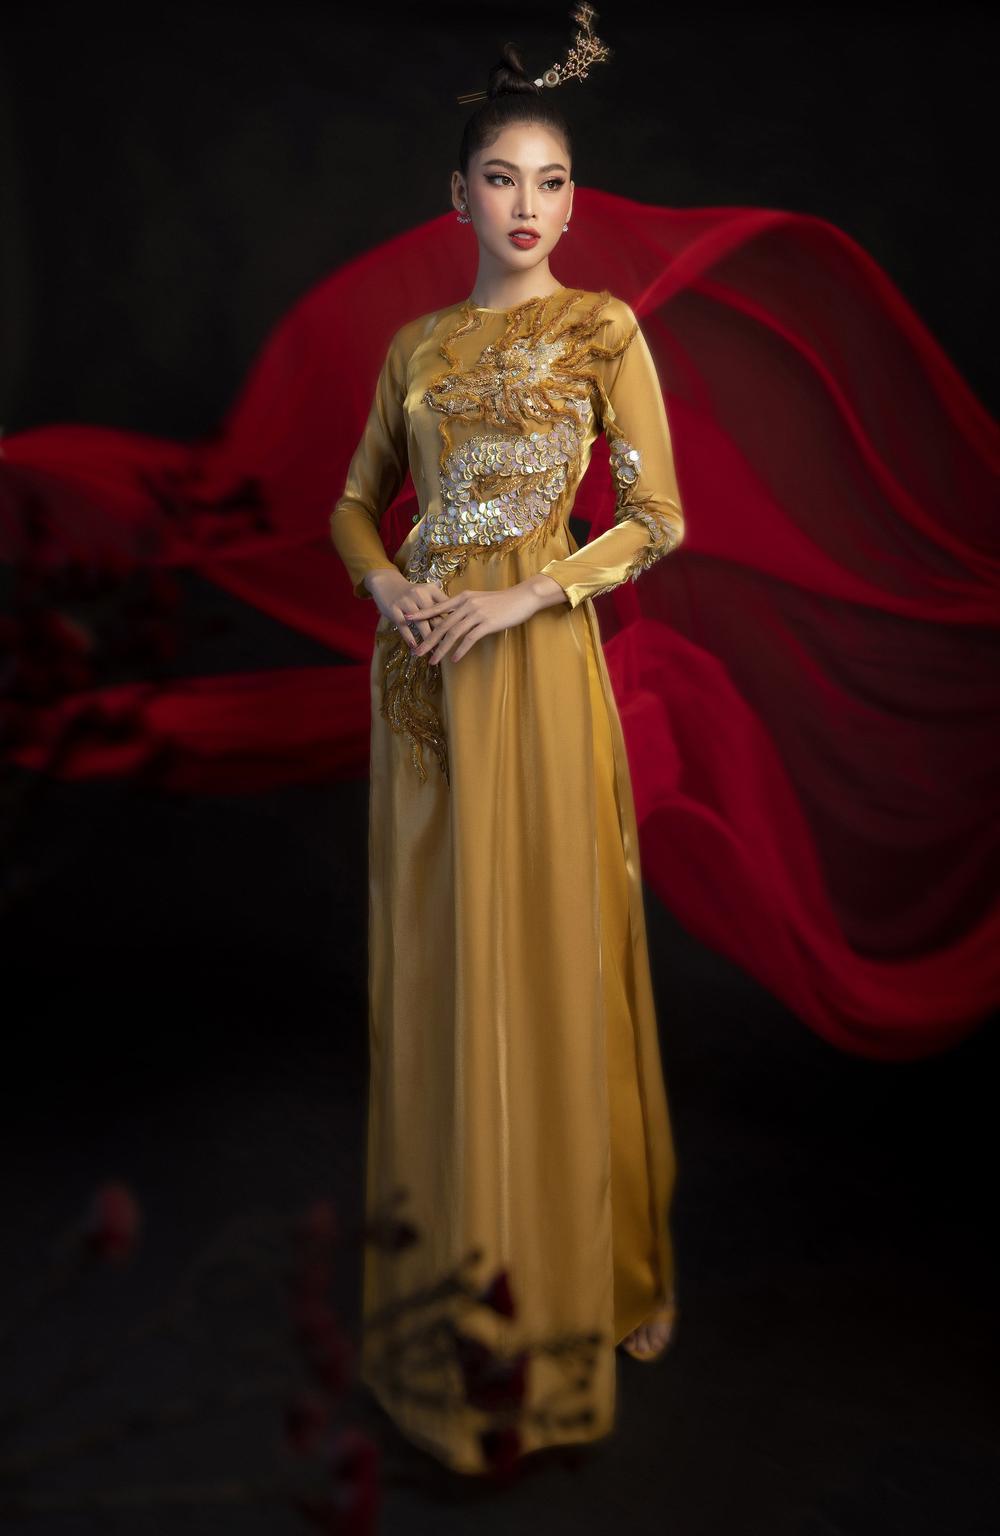 Á hậu Ngọc Thảo tung 2 mẫu National Costume hoành tráng nhờ fan vote dự thi Miss Grand Ảnh 3